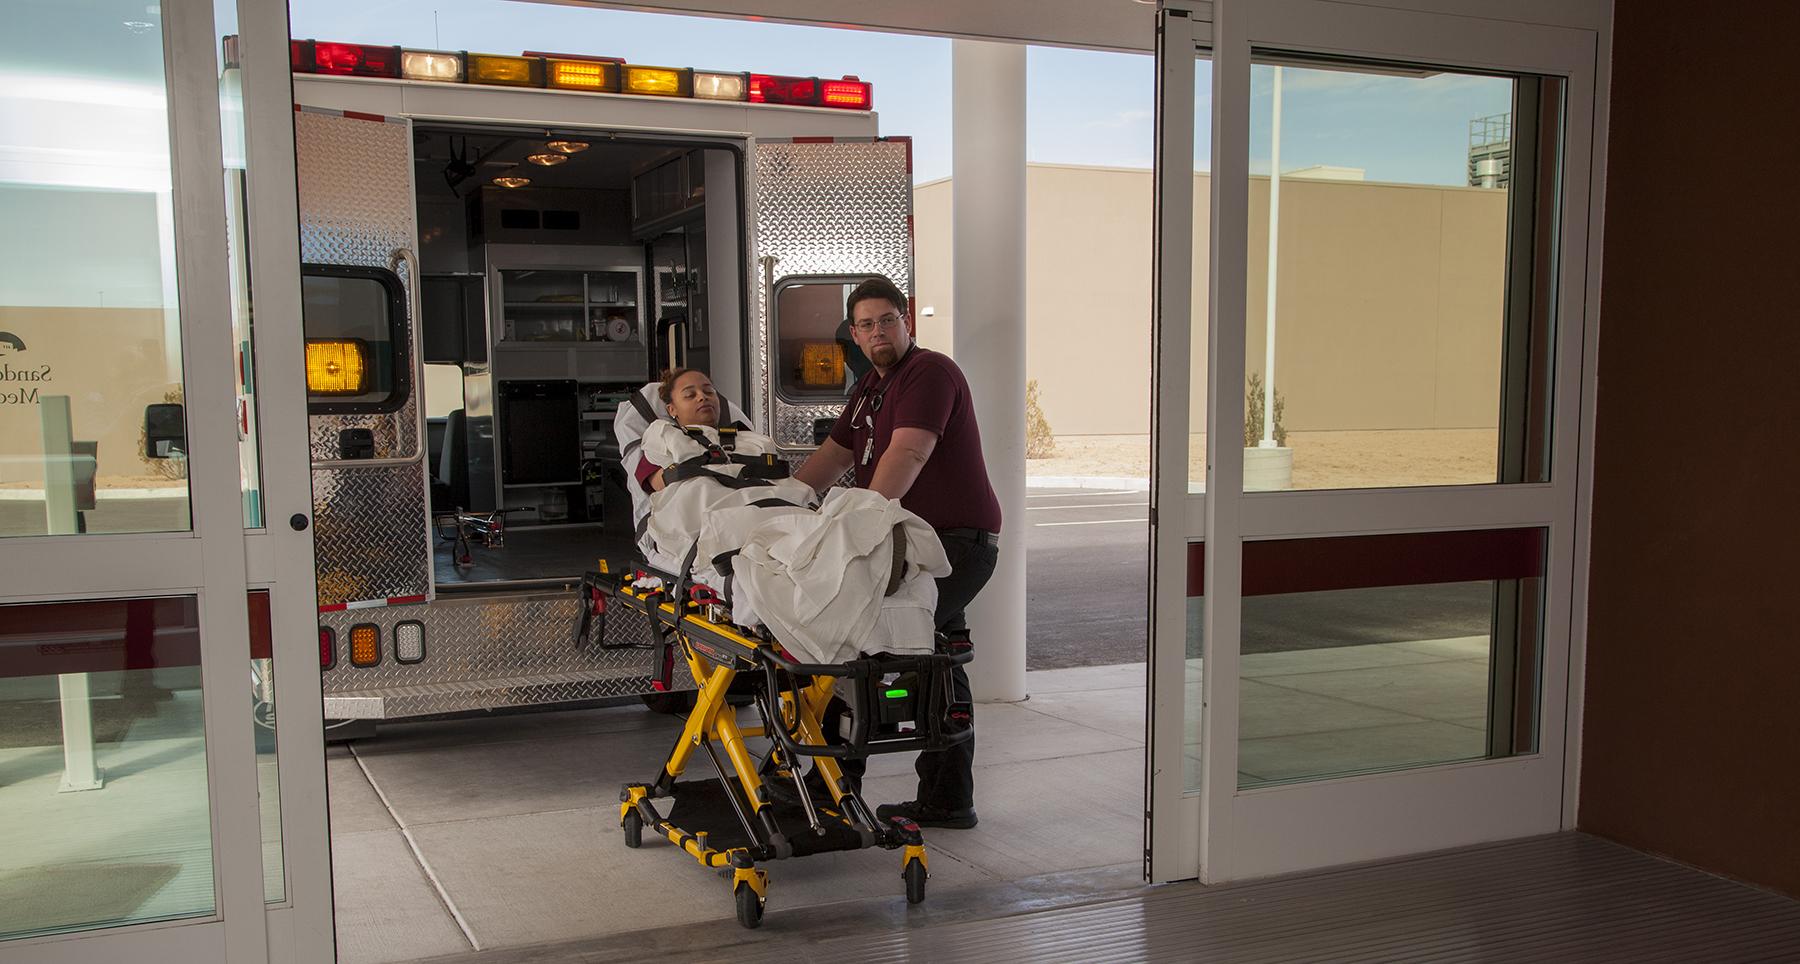 Un paciente que es llevado a la sala de emergencias en ambulancia.